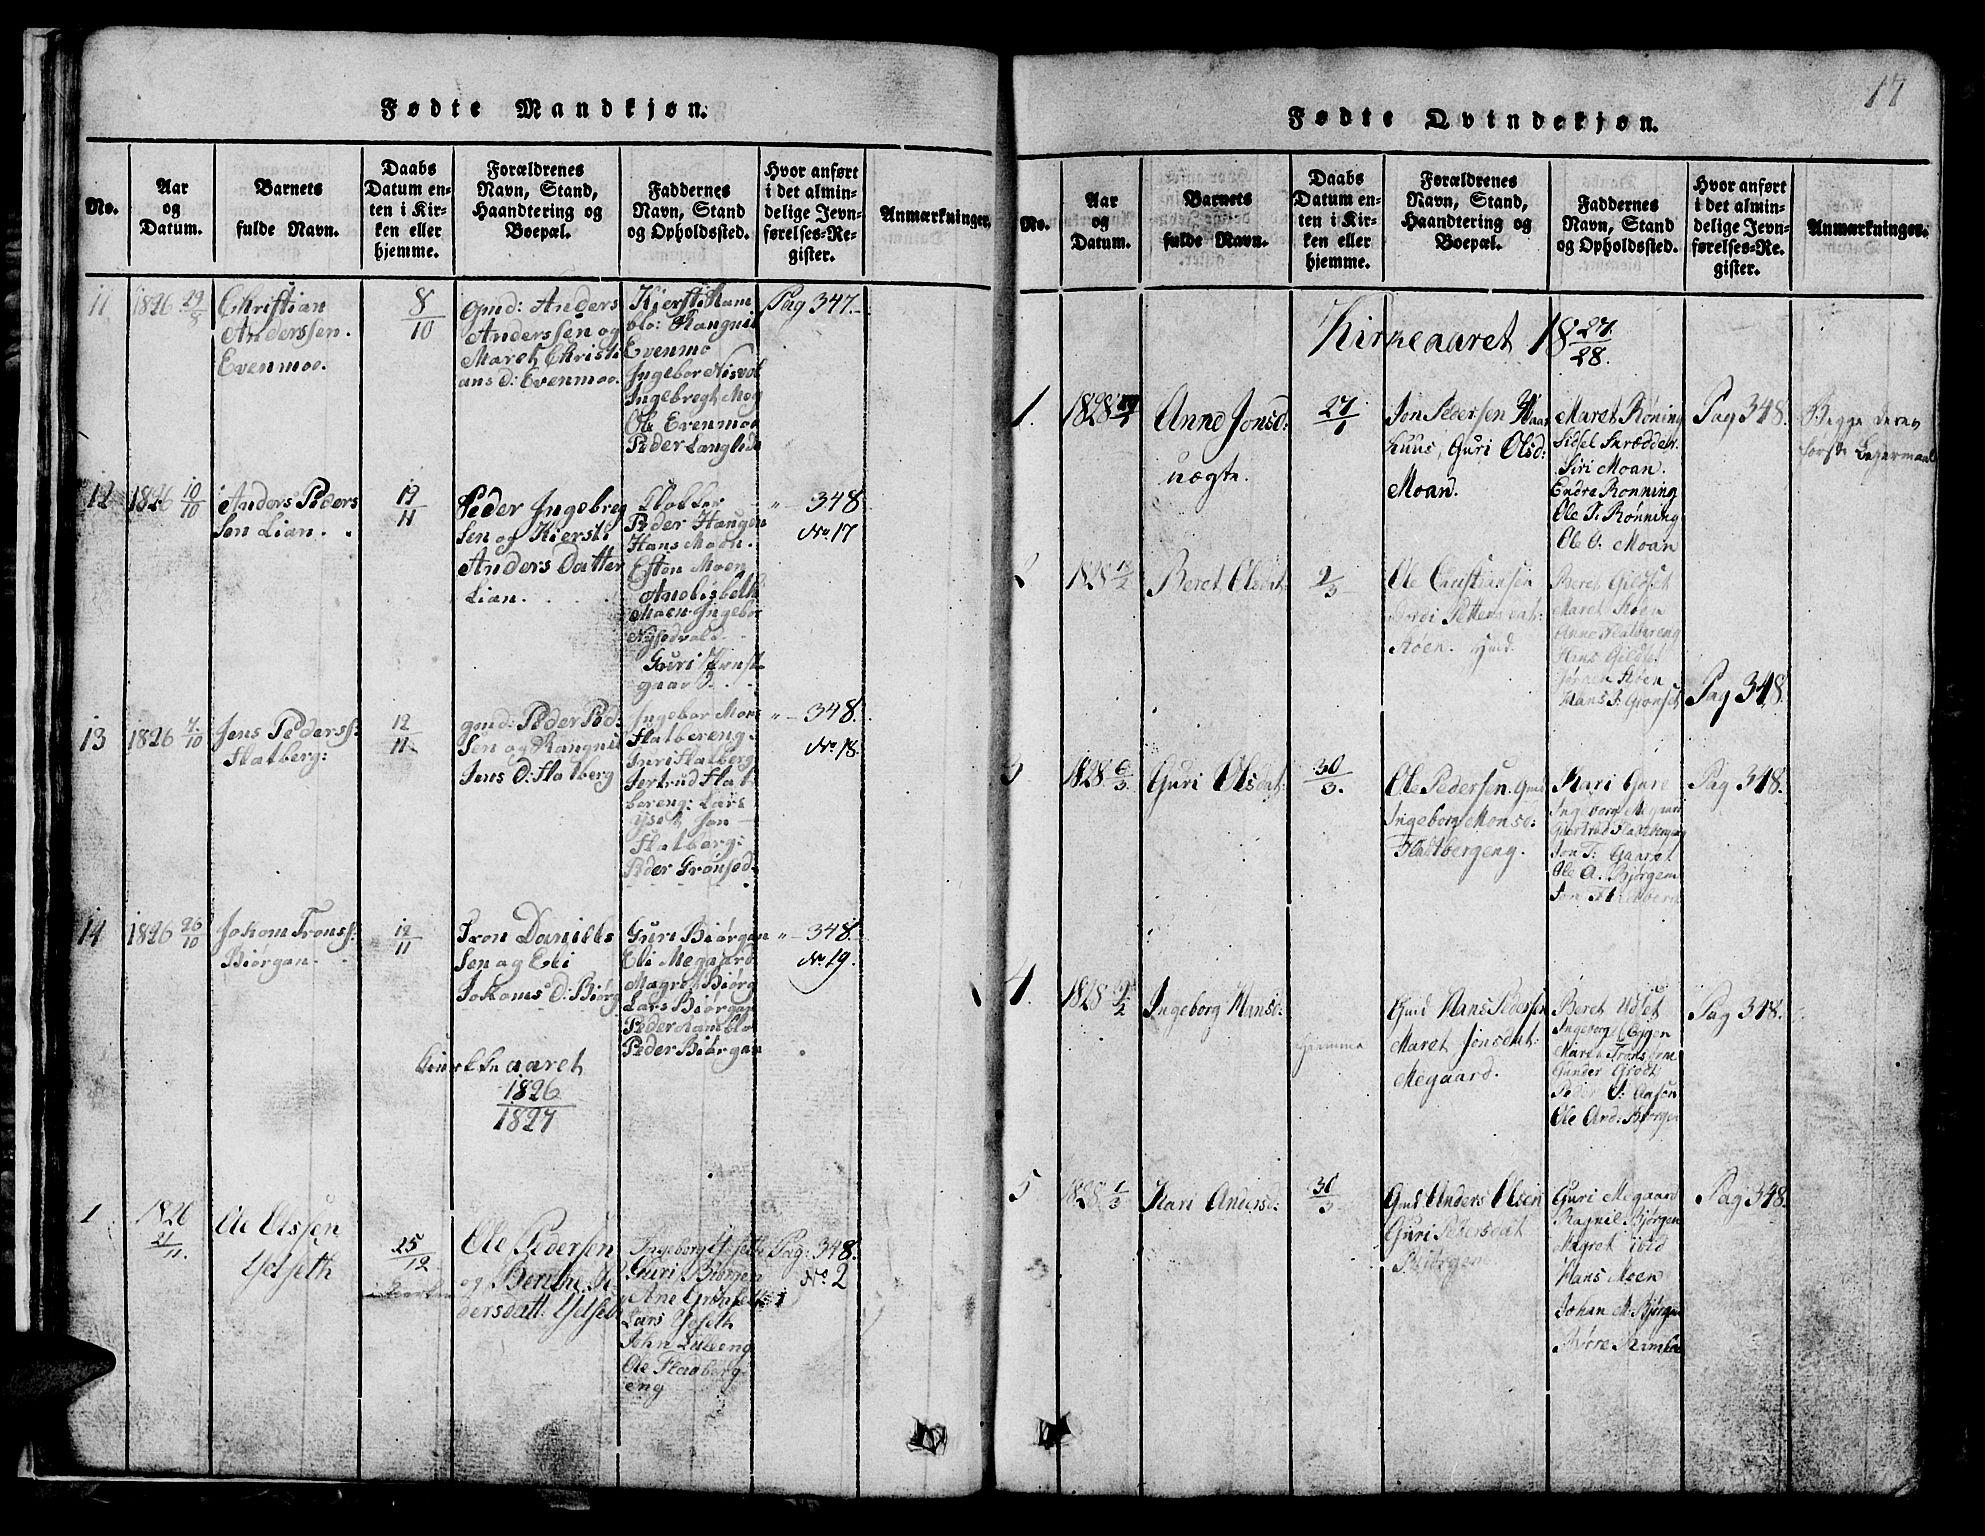 SAT, Ministerialprotokoller, klokkerbøker og fødselsregistre - Sør-Trøndelag, 685/L0976: Klokkerbok nr. 685C01, 1817-1878, s. 17